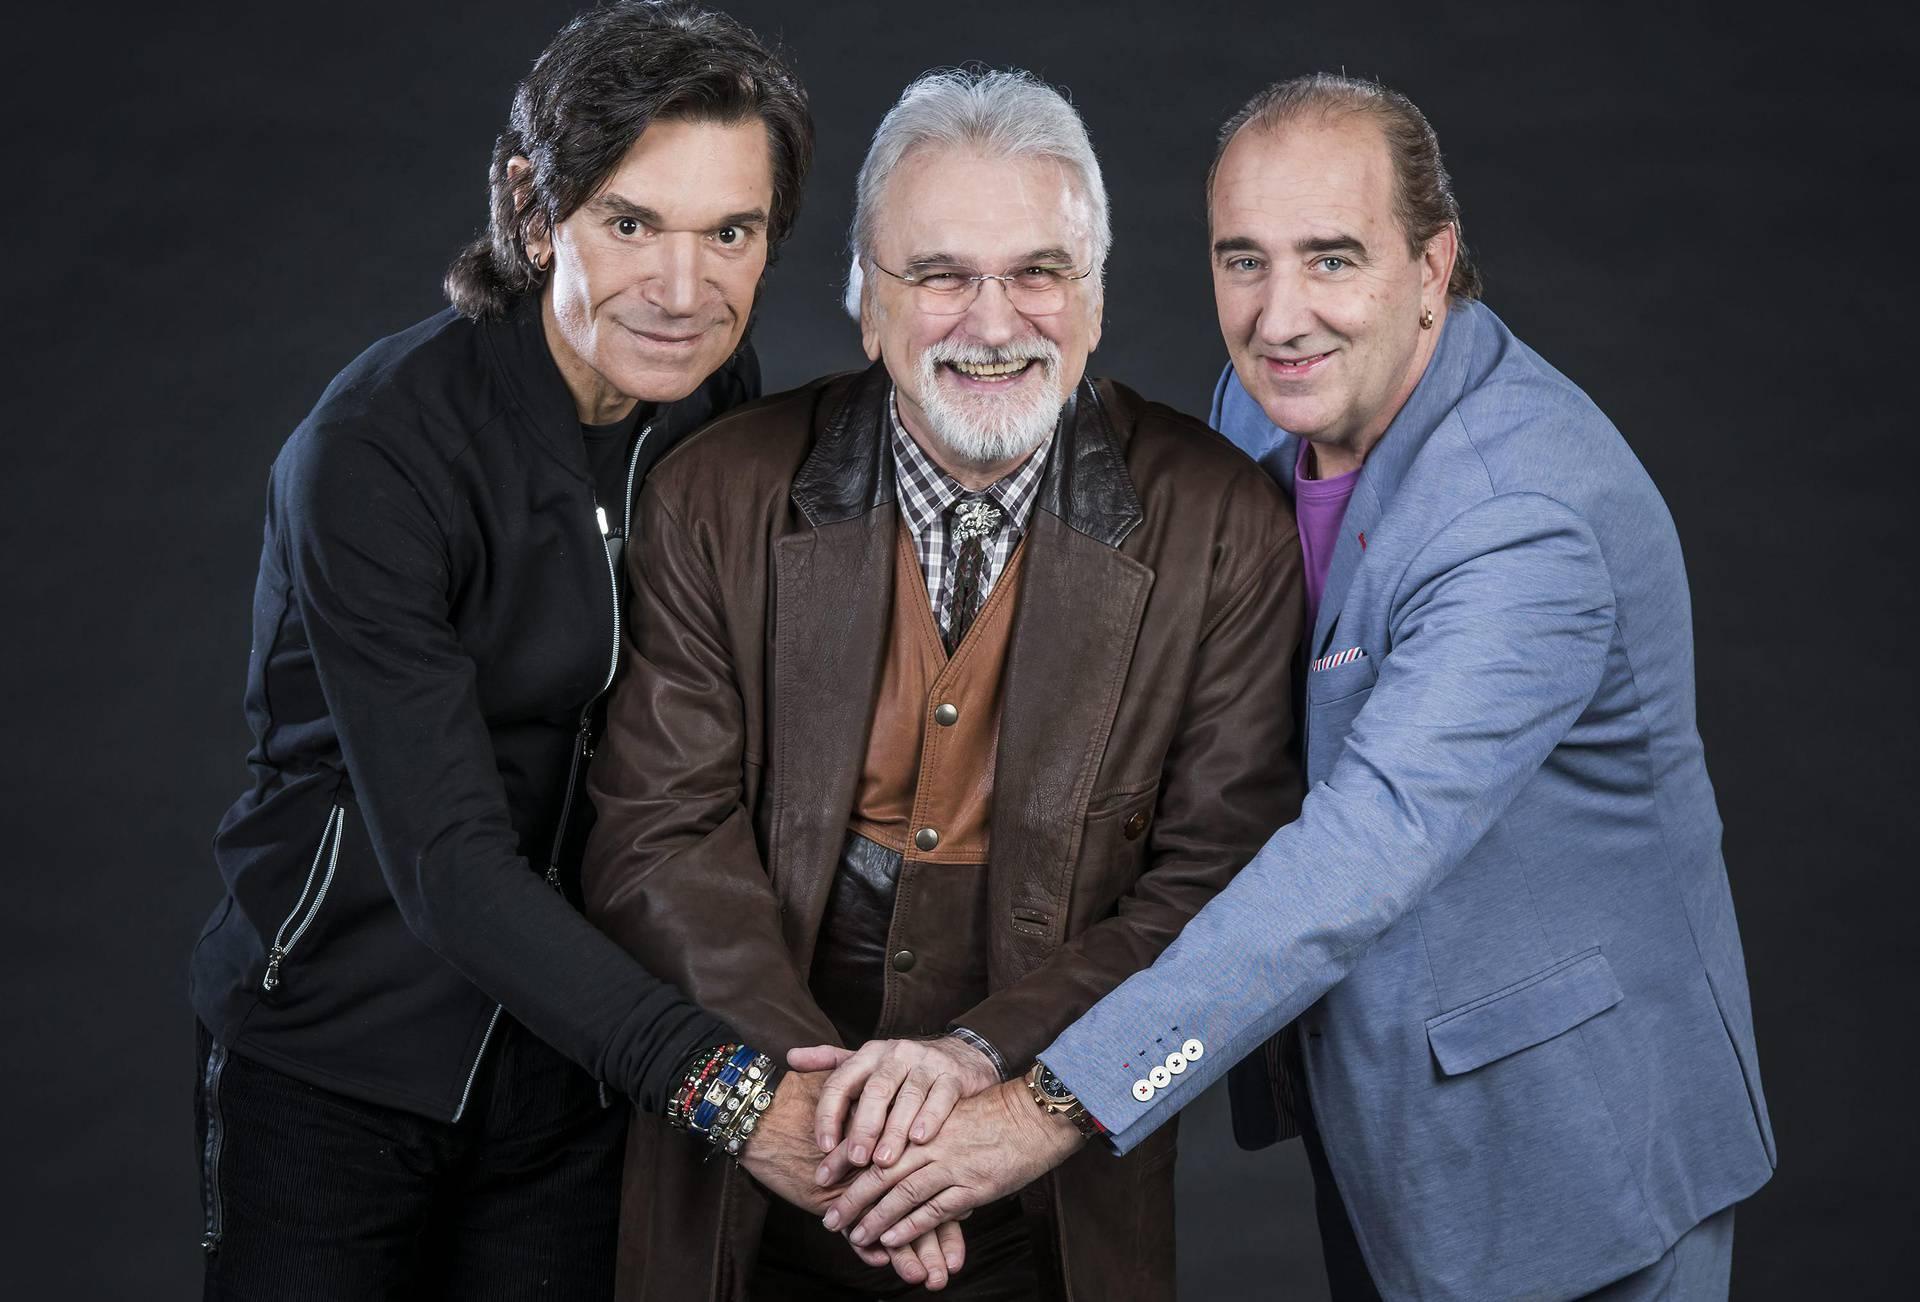 Zagreb, 06.03.2017 - Pjevaci Mladen Grdovic, Jasmin Stavros i Zlatko Pejakovic